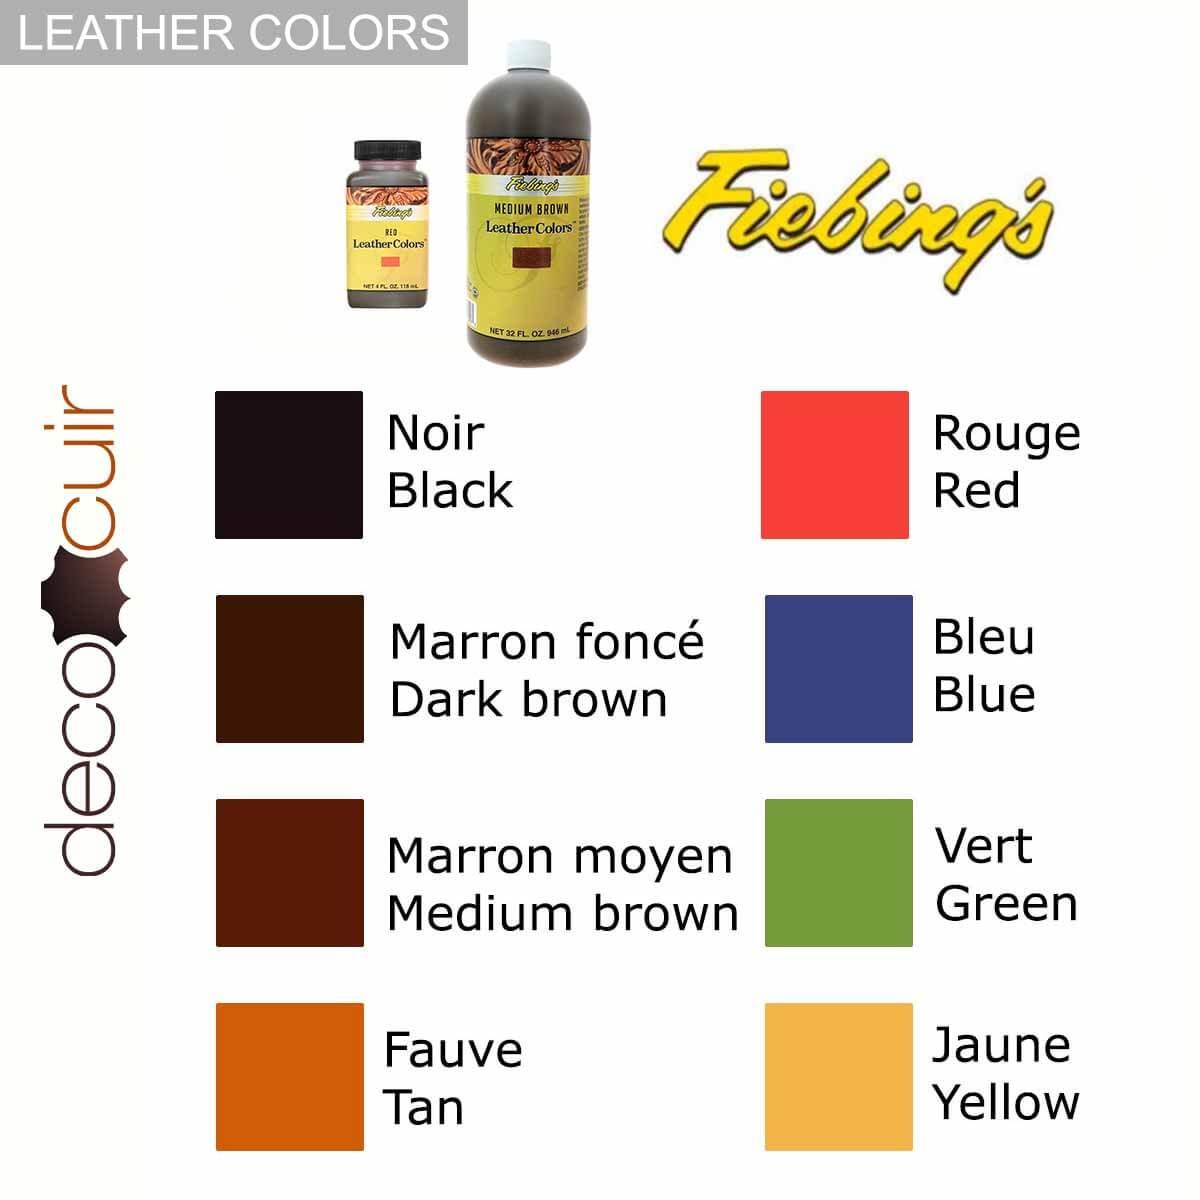 nuancier leather dye